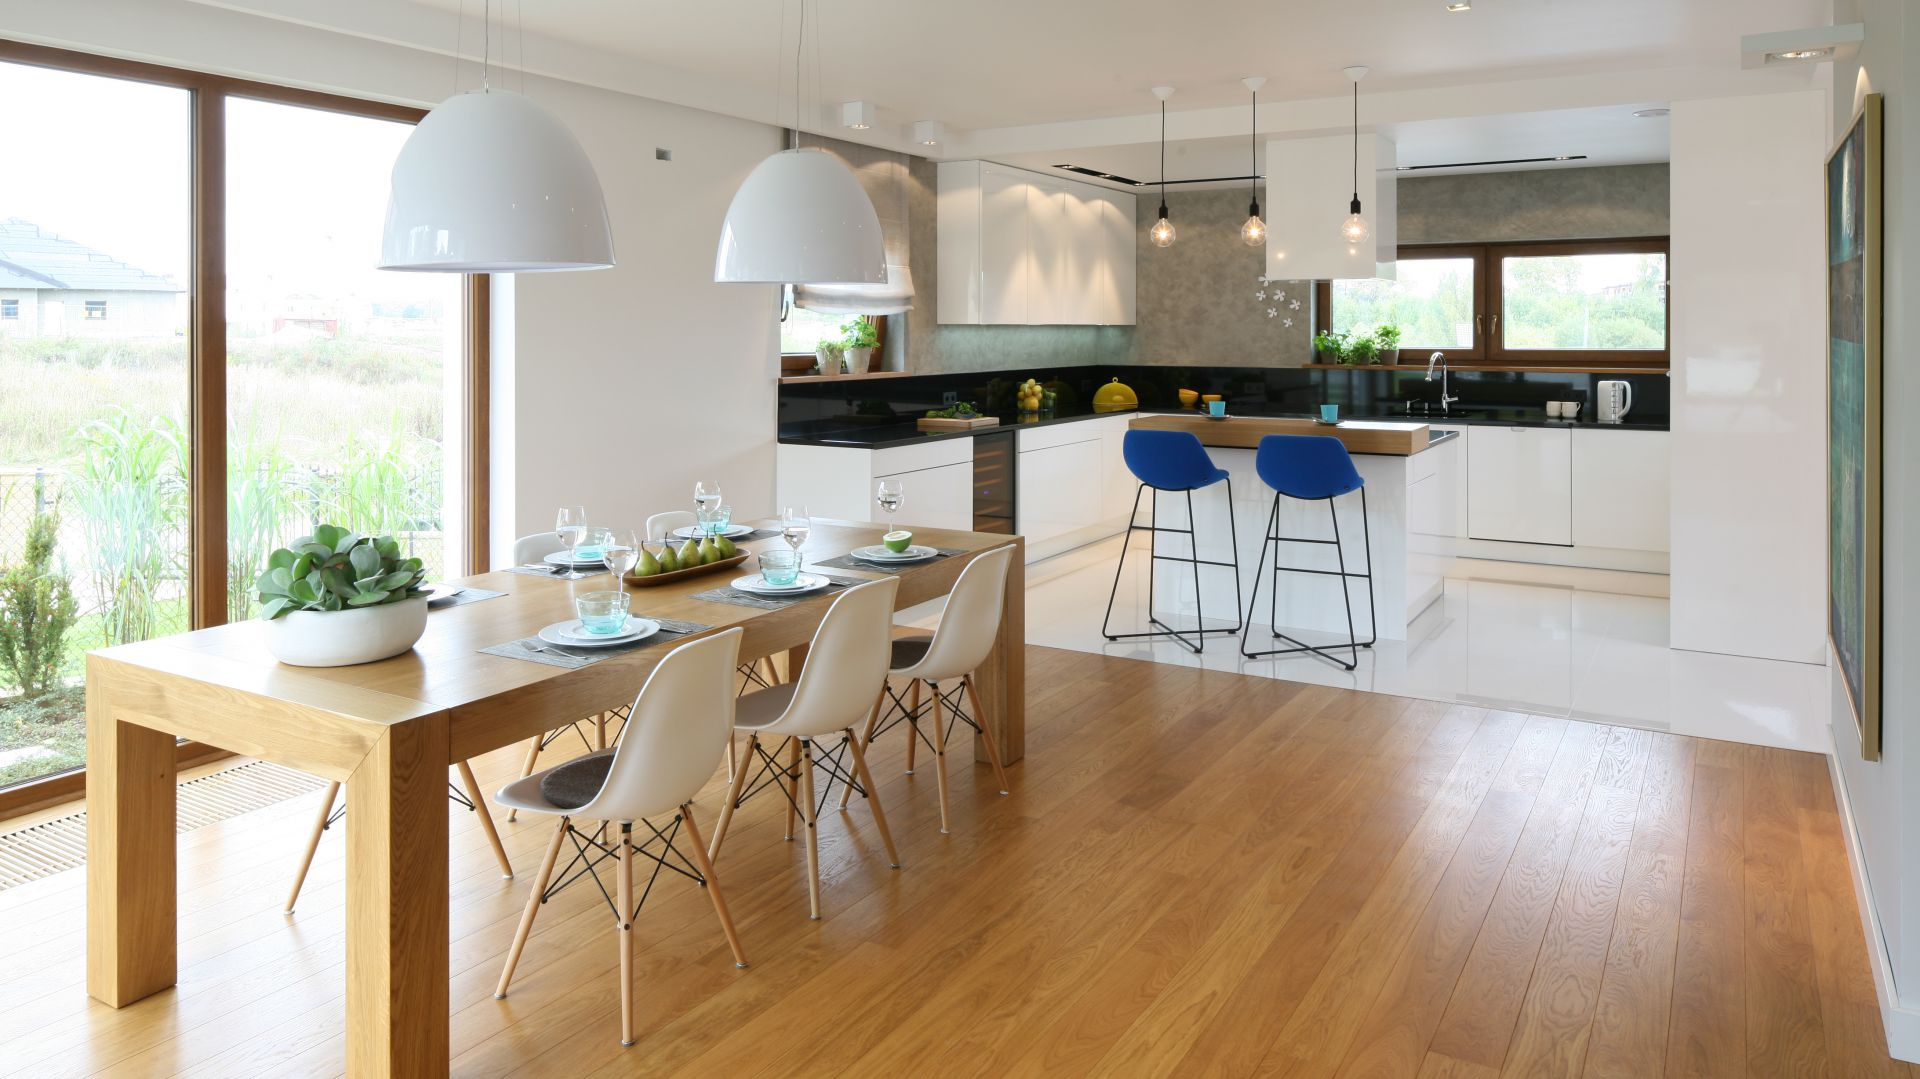 Długi drewniany stół sprawdzi się podczas rodzinnych przyjęć. Projekt: Małgorzata Galewska. Fot. Bartosz Jarosz